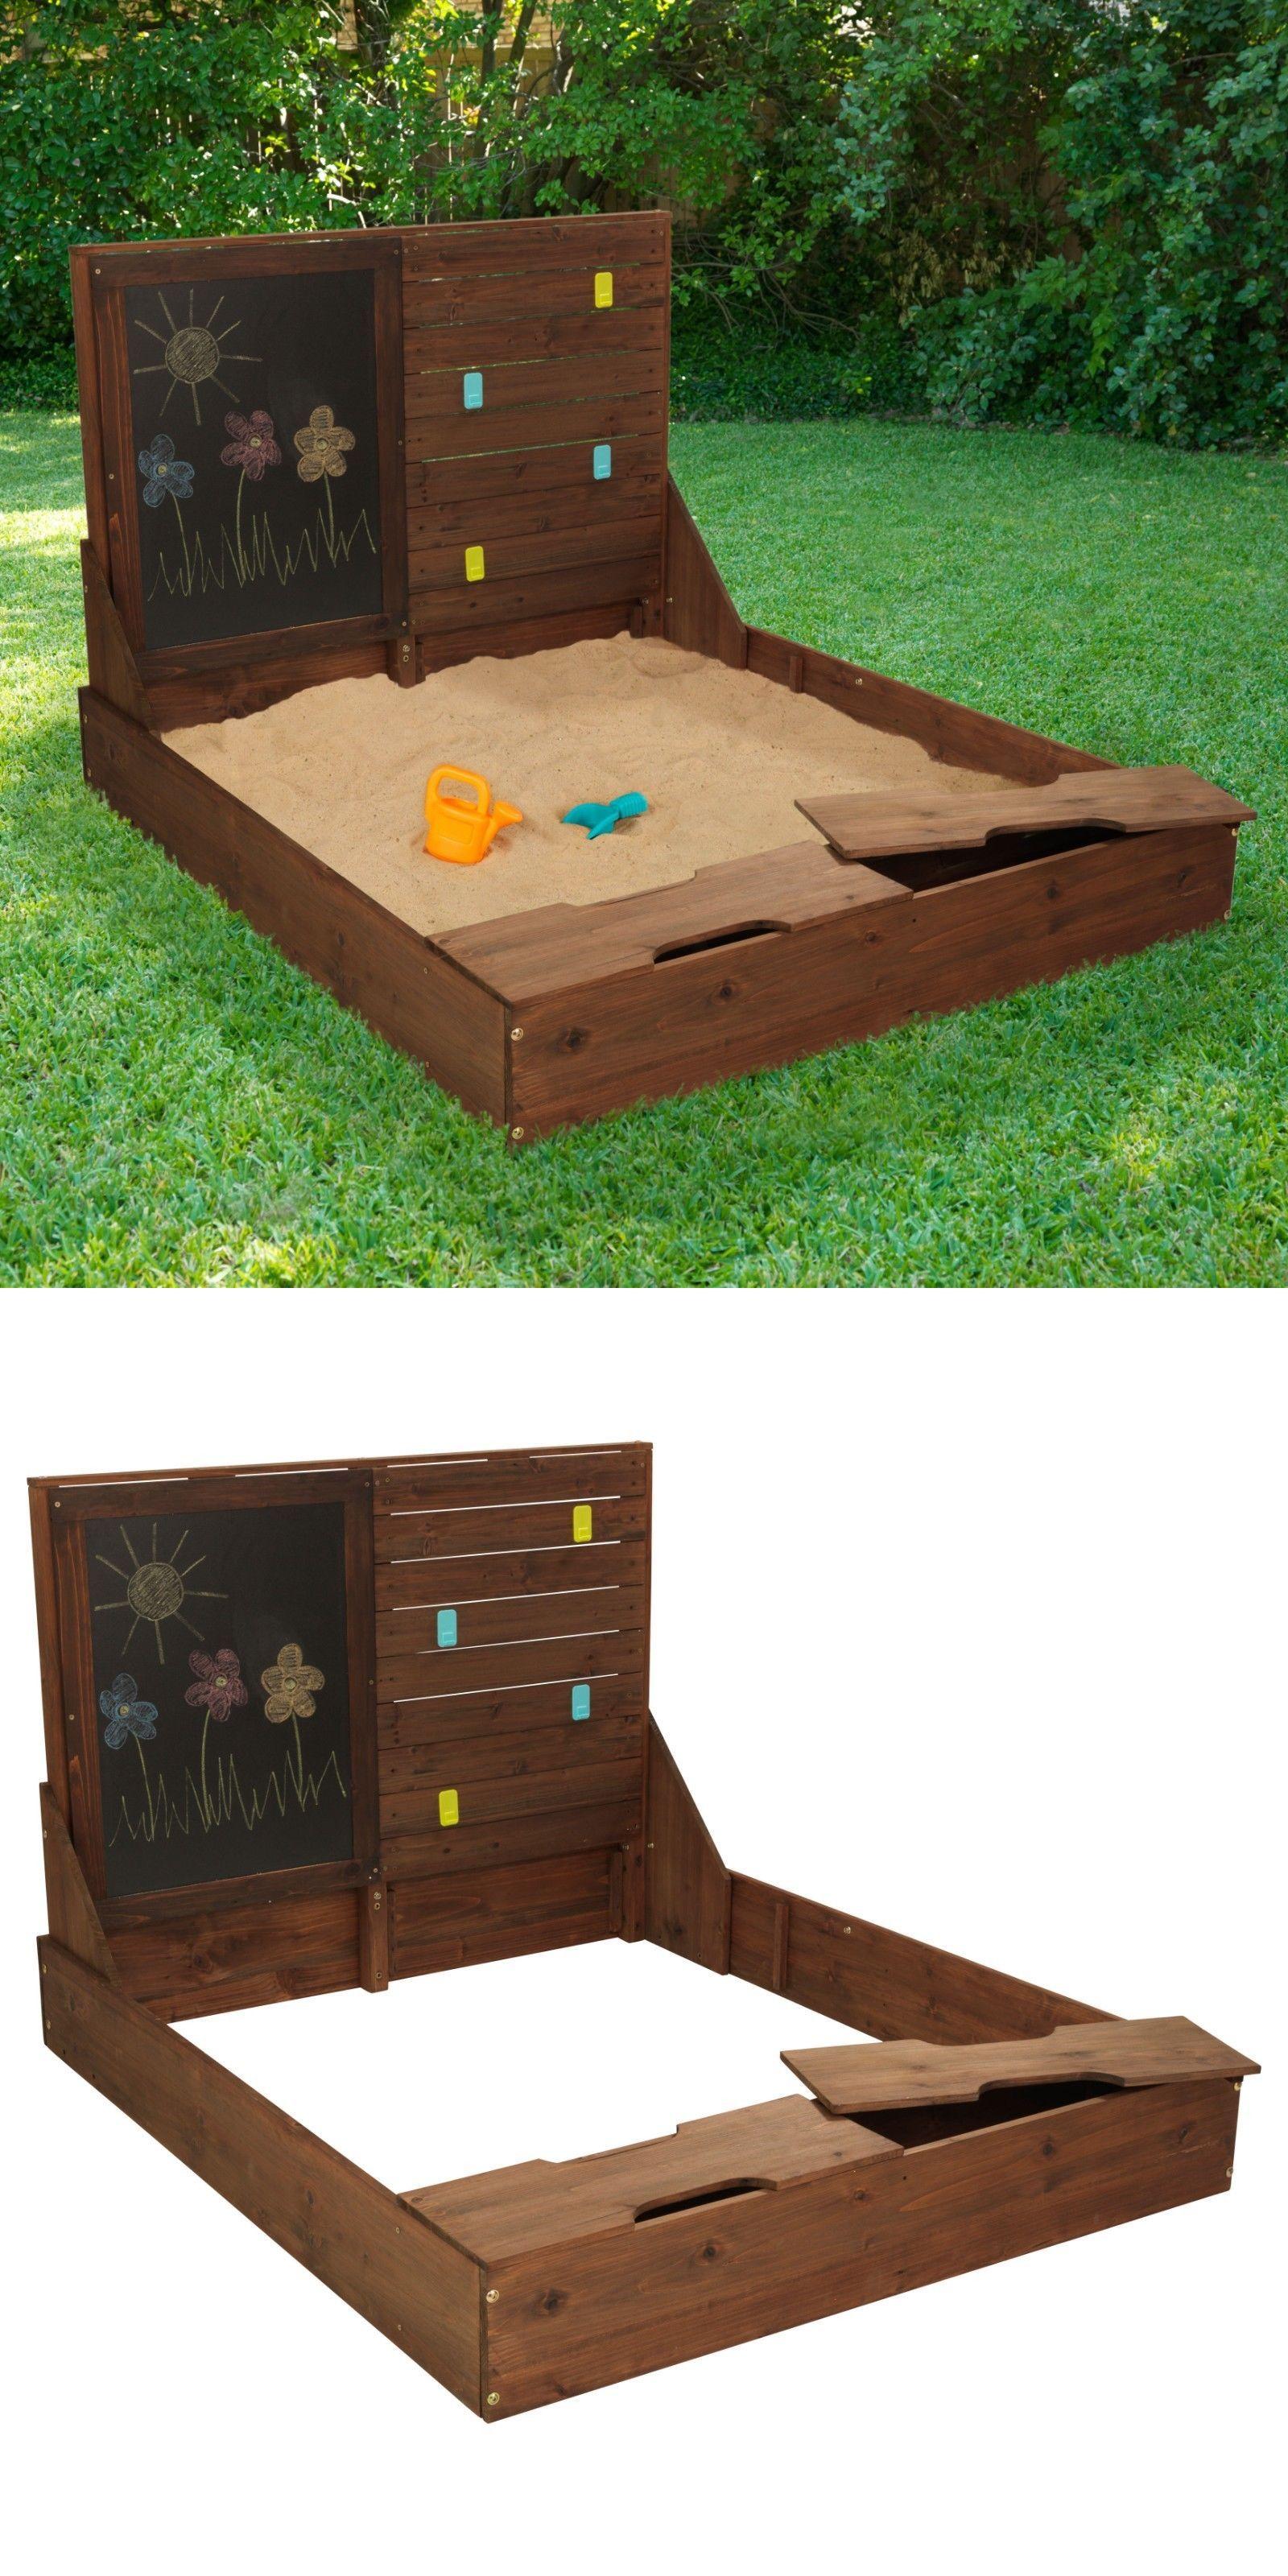 Kidkraft Backyard Sandbox - House of Things Wallpaper